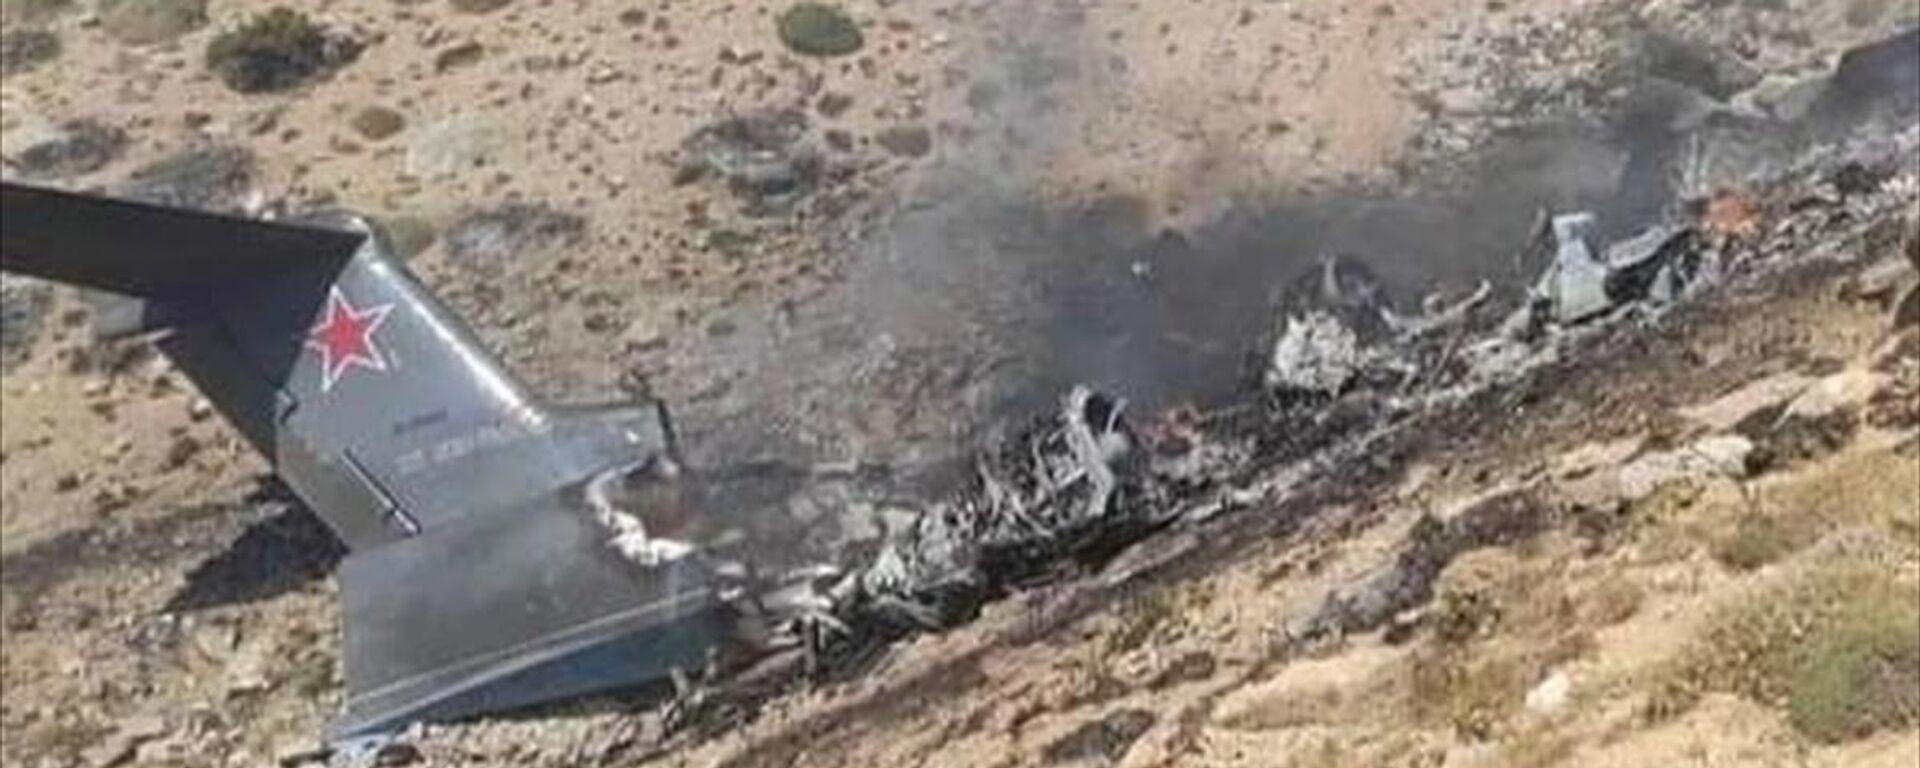 Kahramanmaraş'ta Orman Genel Müdürlüğü hizmetinde kullanılan yangın söndürme uçağı düştü, bölgeye arama kurtarma ekipleri sevk edildi.  - Sputnik Türkiye, 1920, 14.08.2021